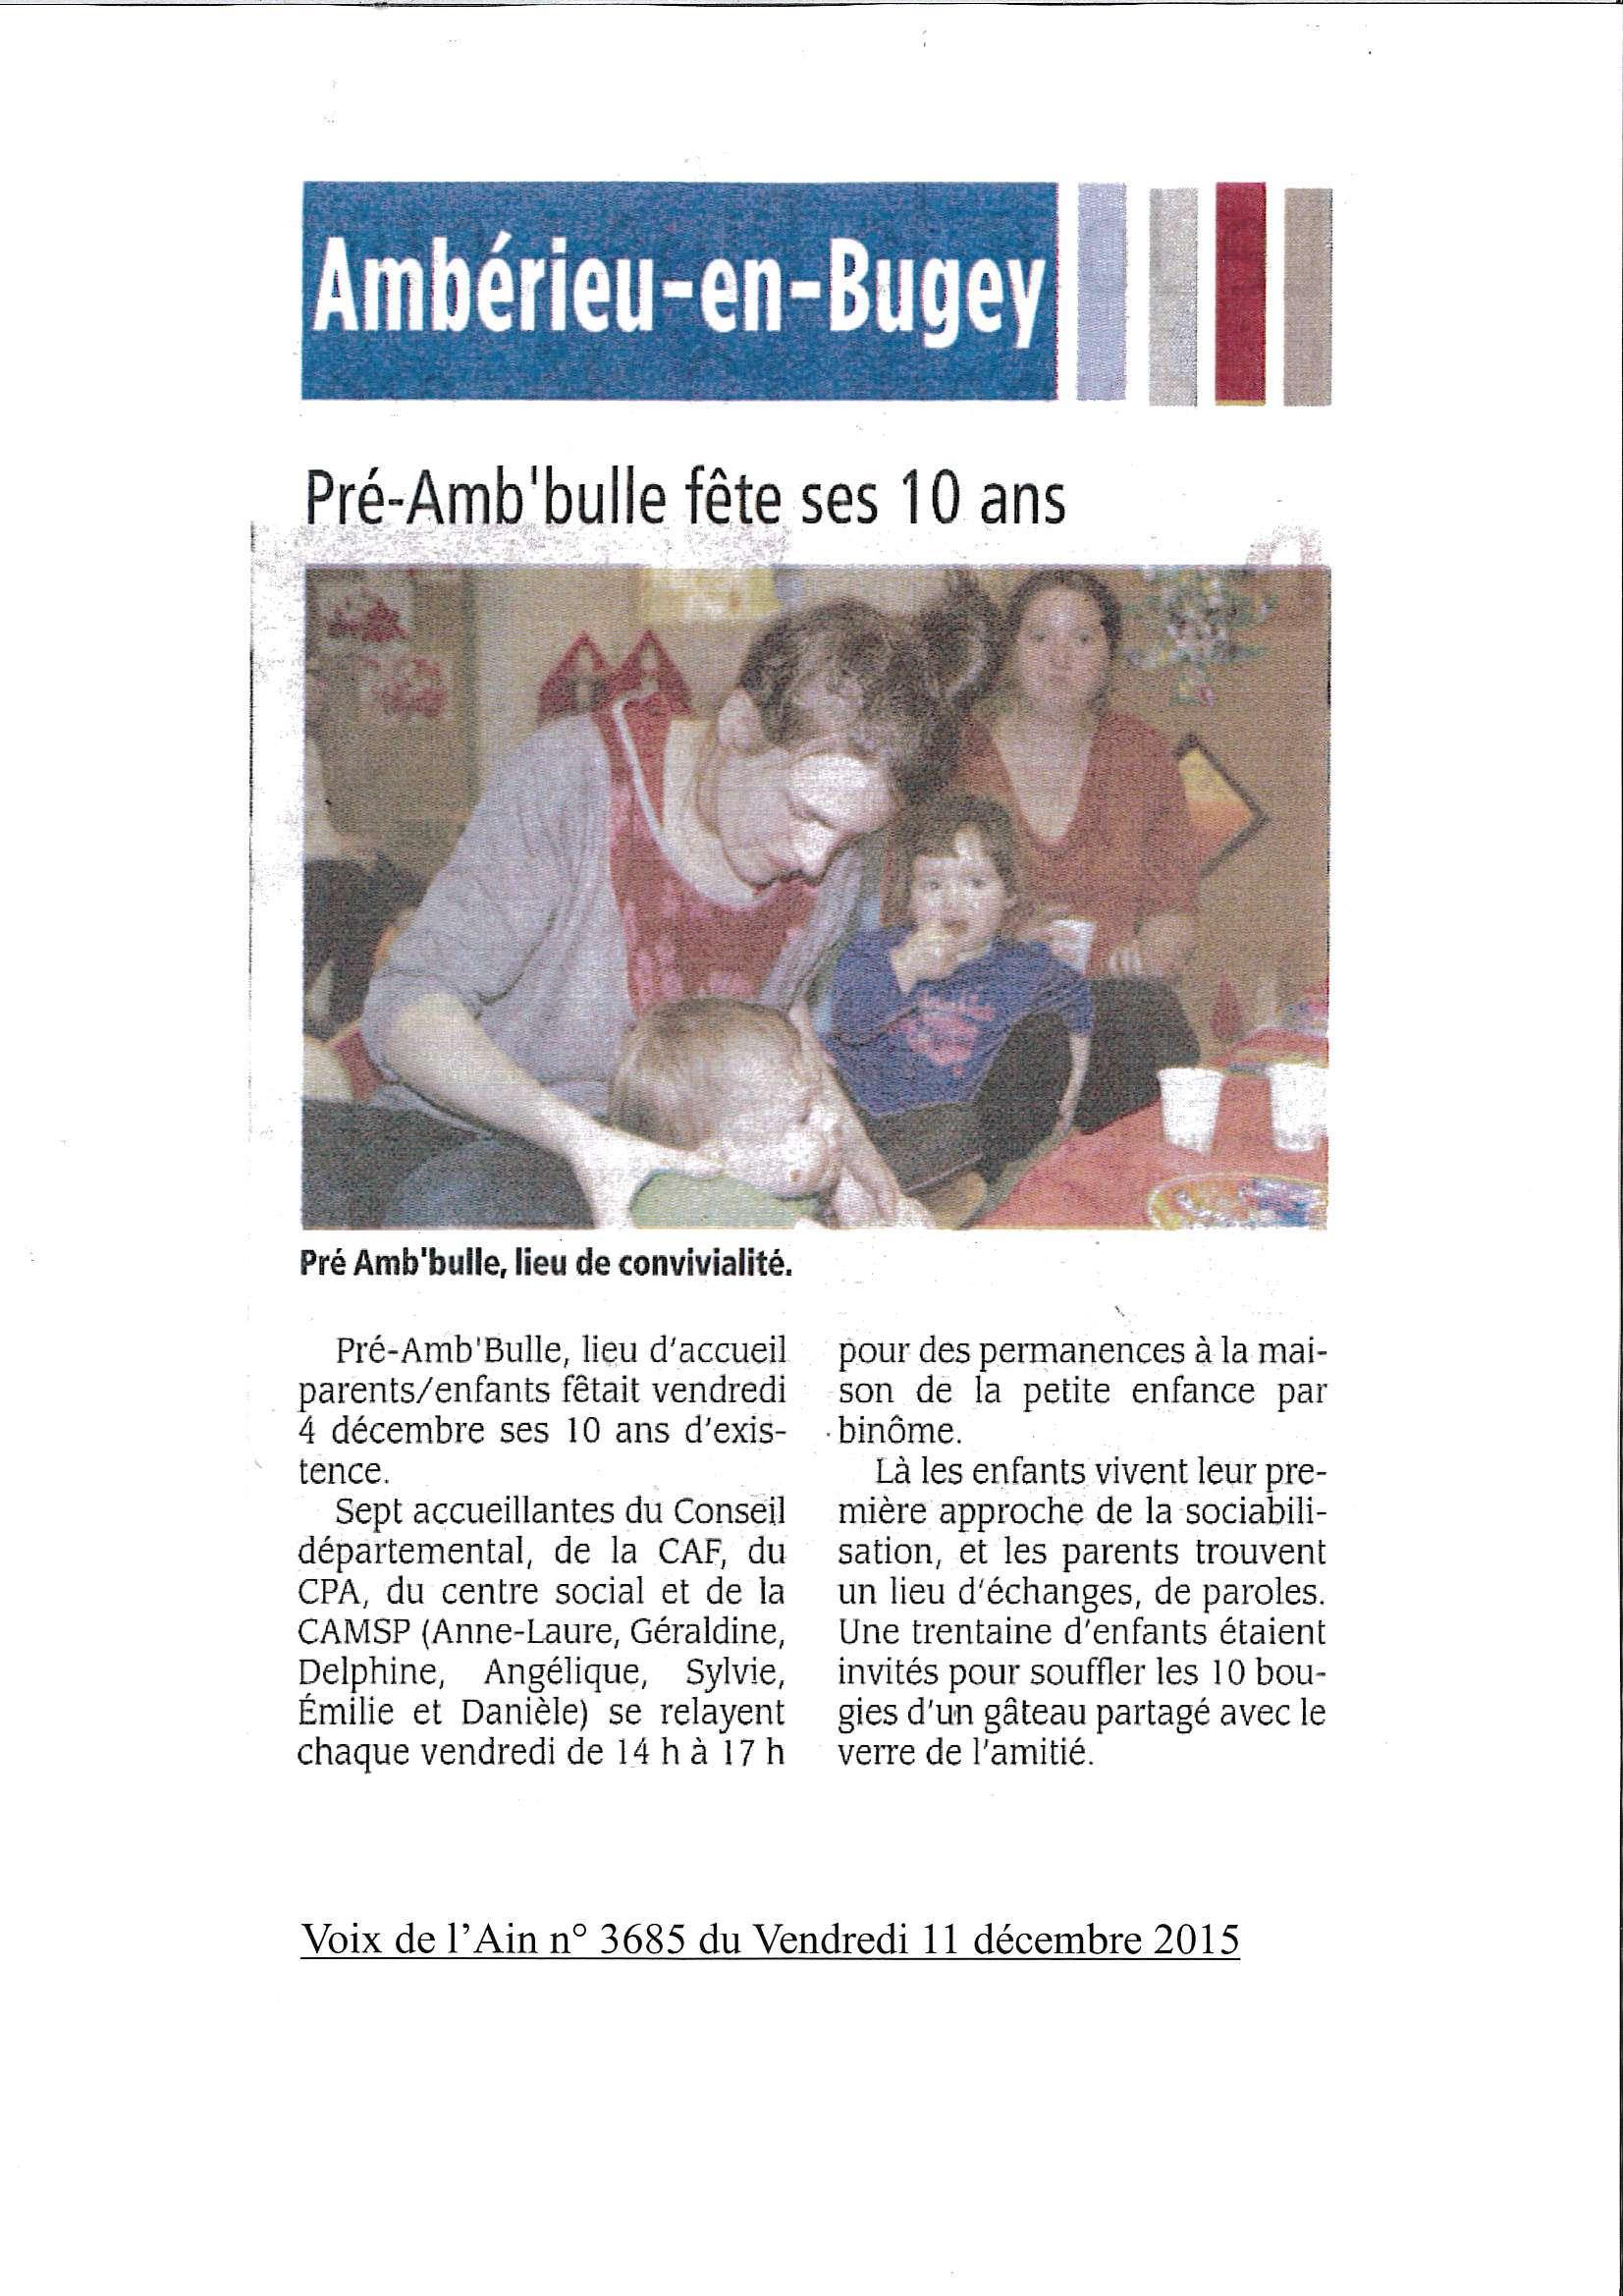 Préamb bulle fête ses 10 ans article voix de l'ain du 11 décembre 3685